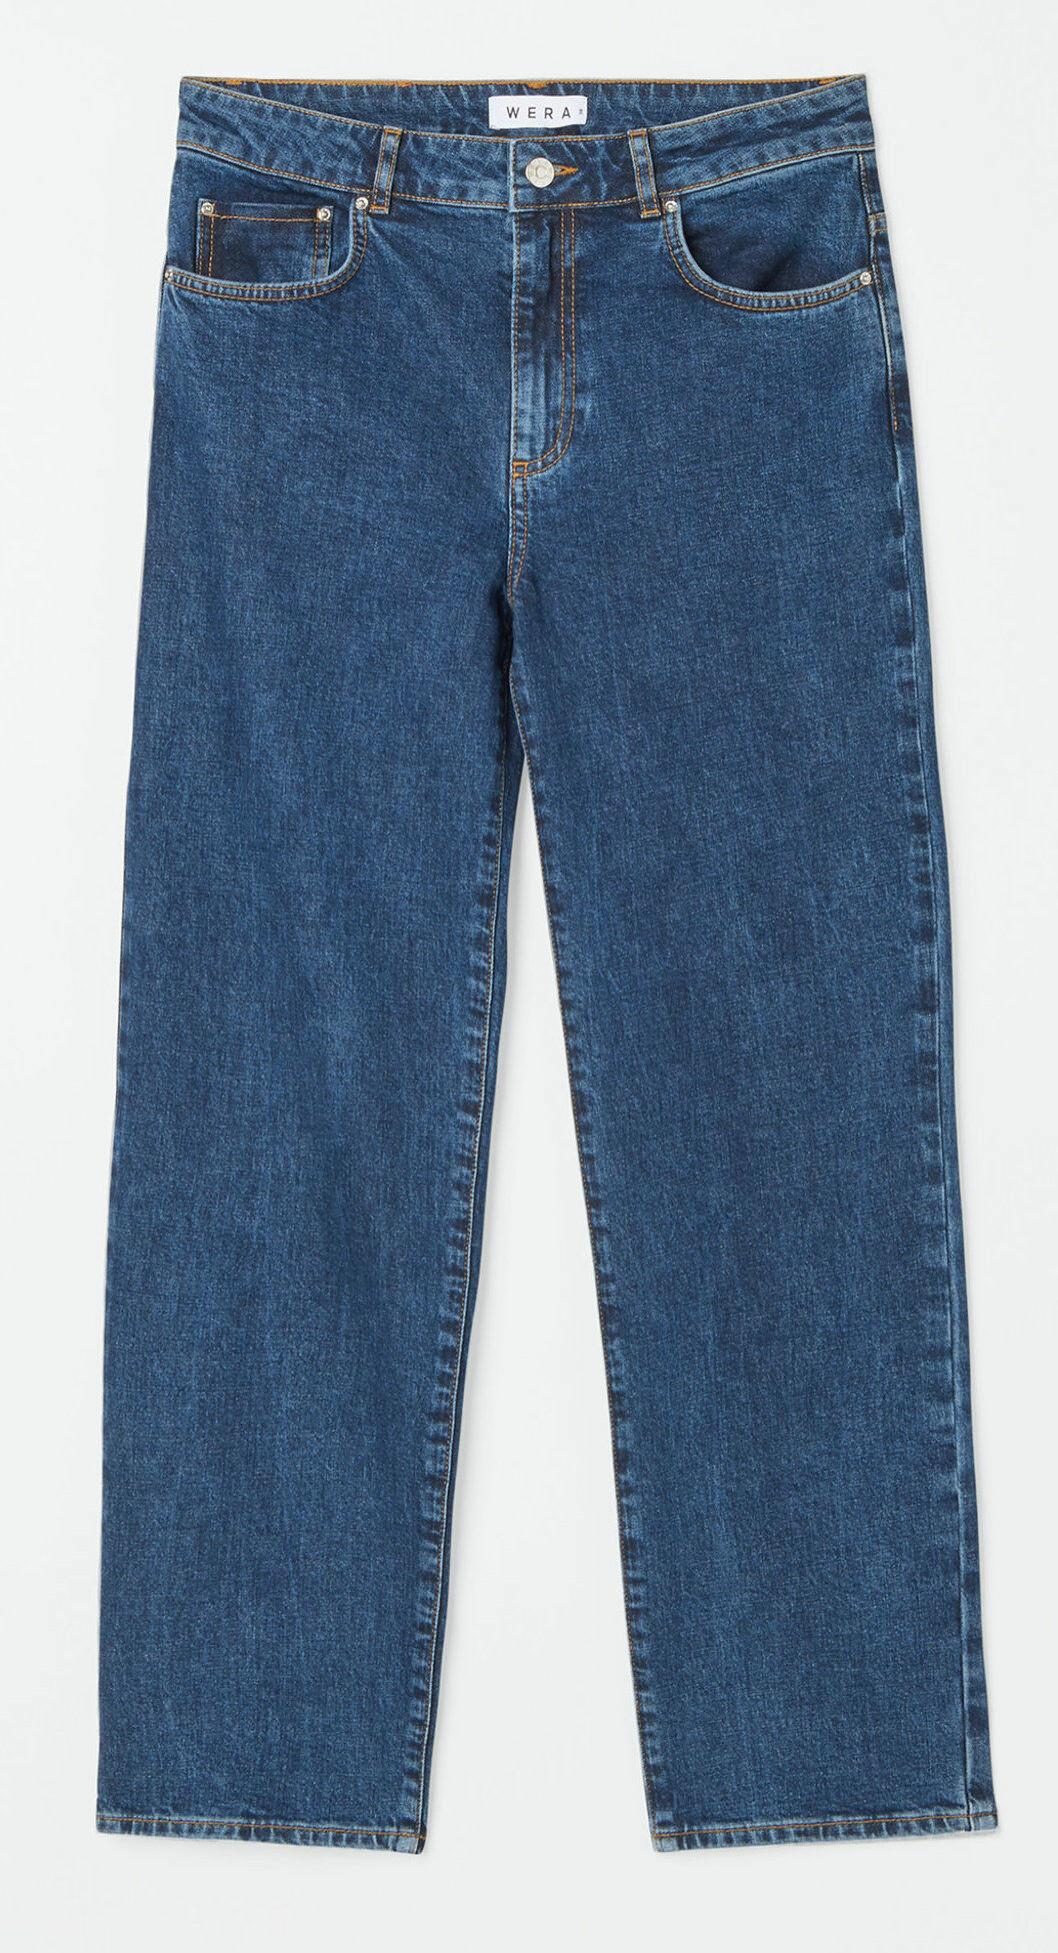 Jeans i en djup mörkblå tvätt från Wera